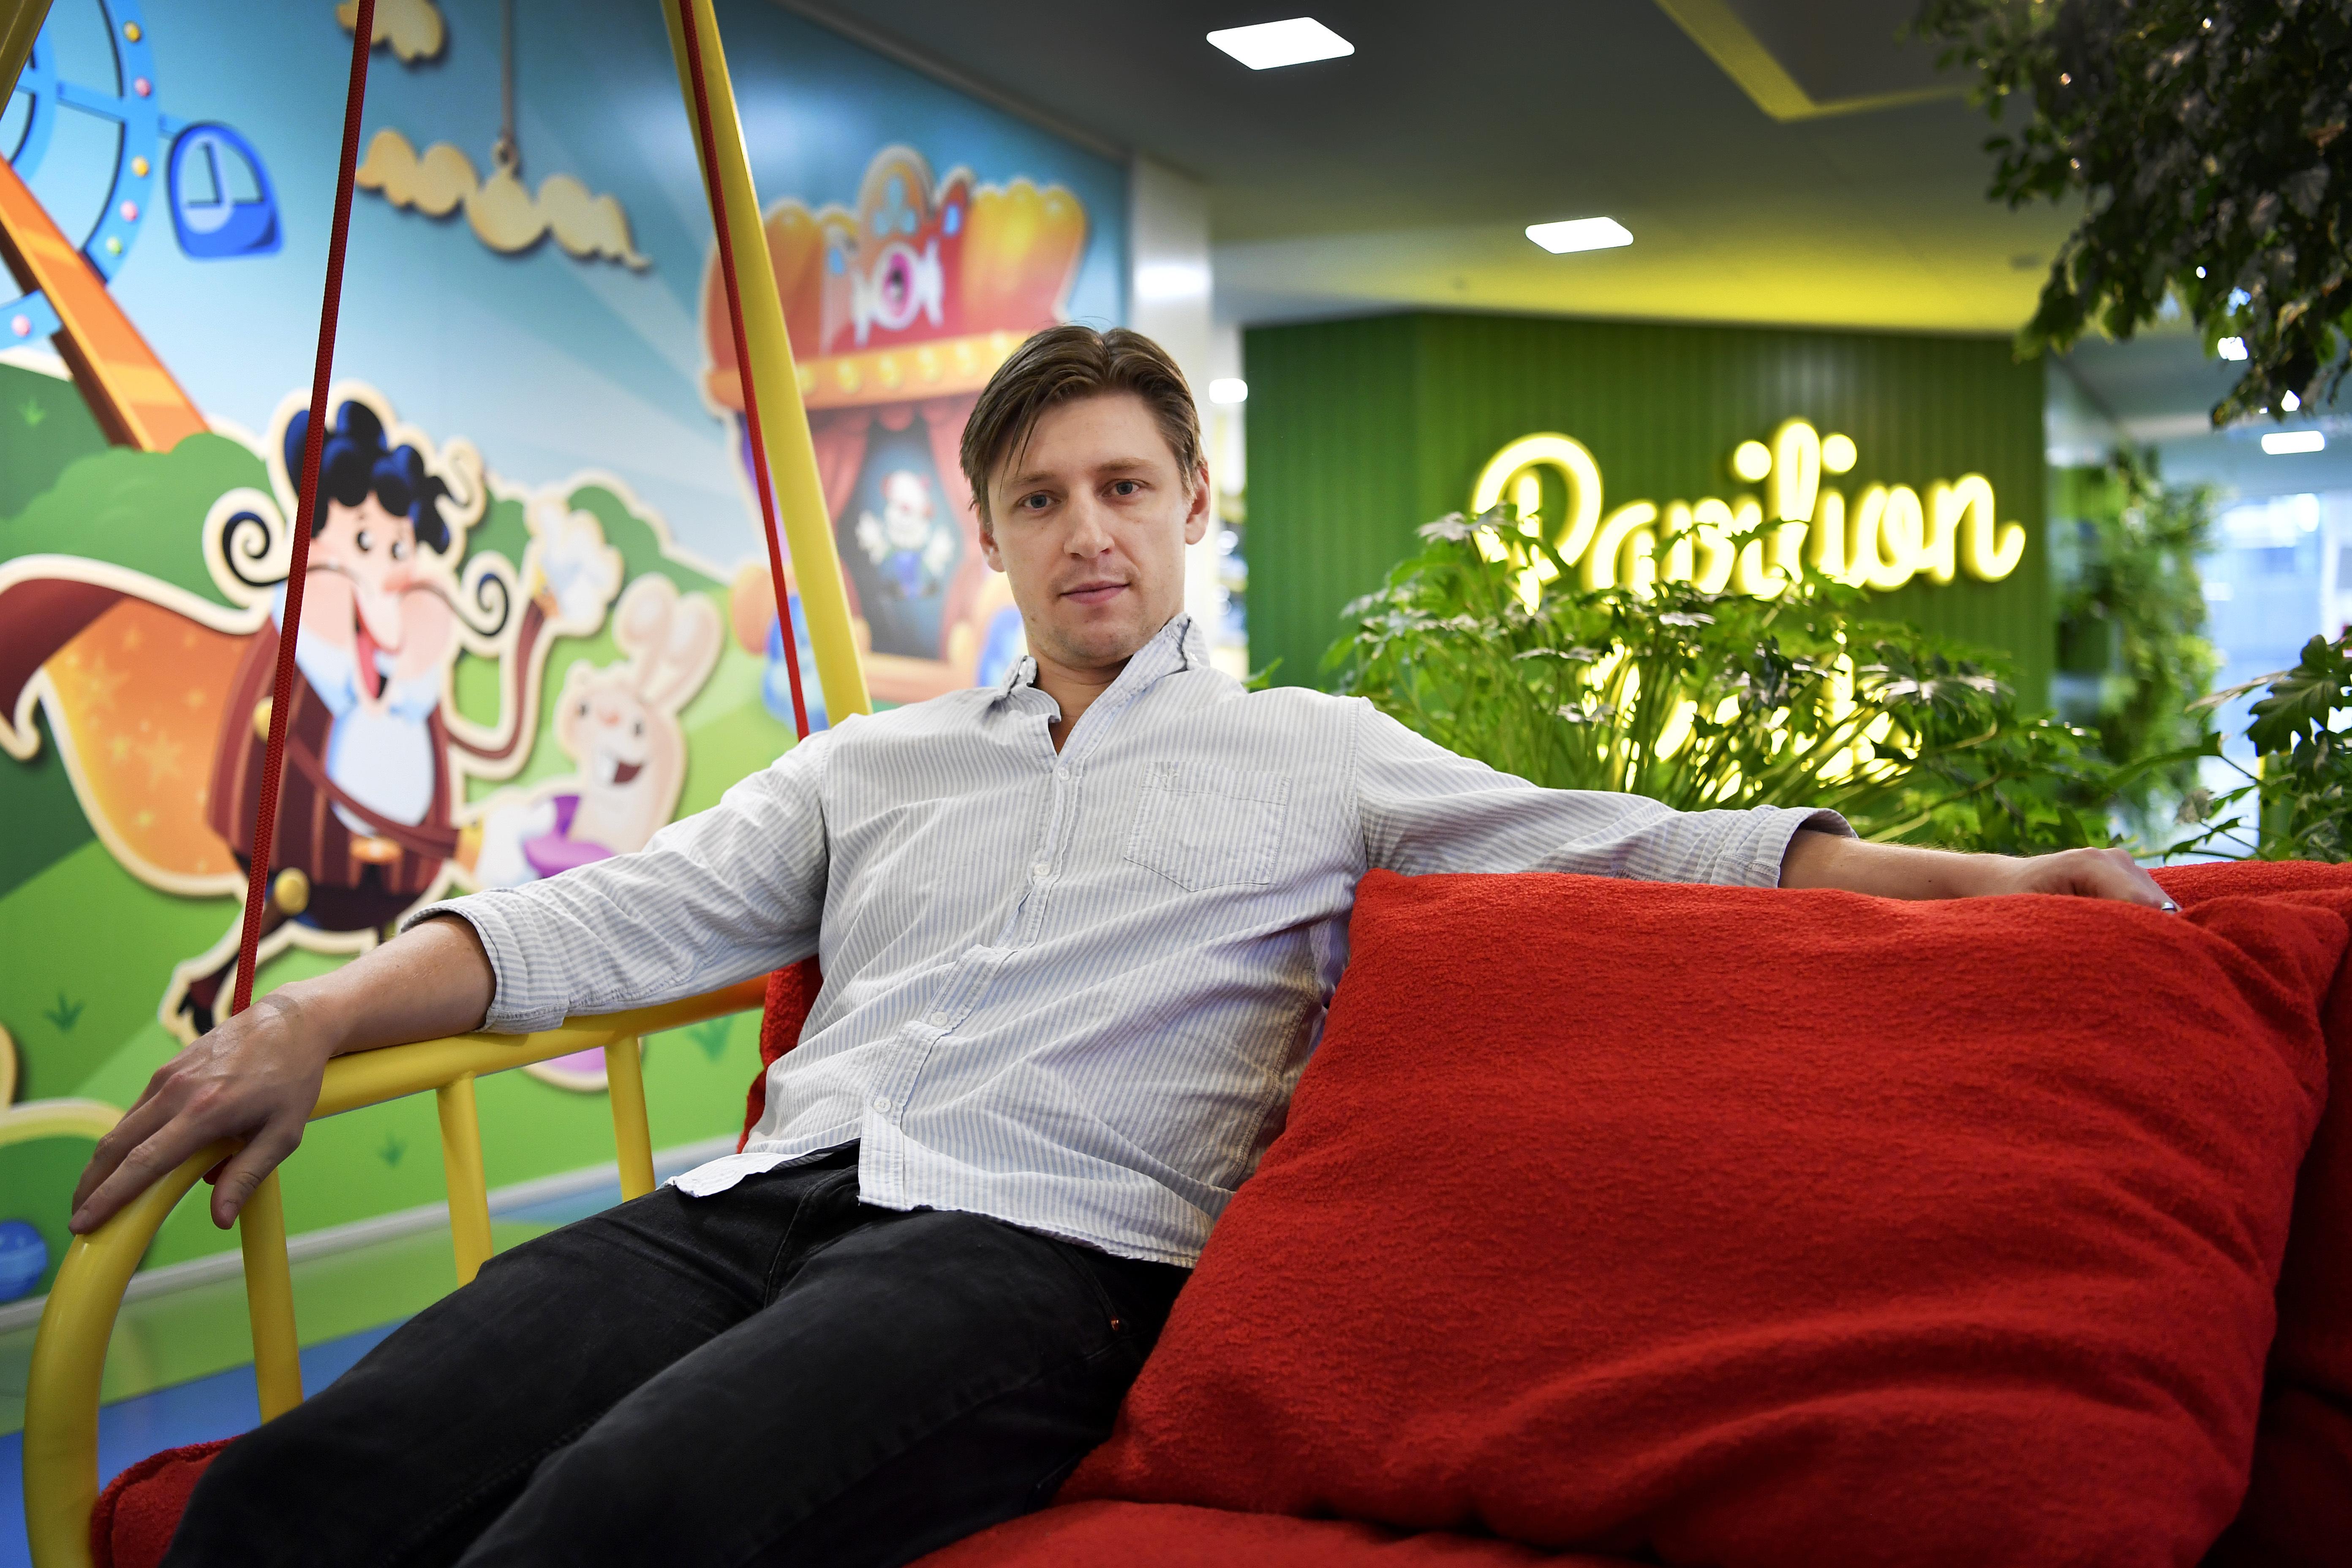 FOTO: STEFAN MATTSSON. Spelföretaget King som gör Candy Crush. Vill ha bilder på kontoret I STOCKHOLM + på producenten som jag ska intervjua.